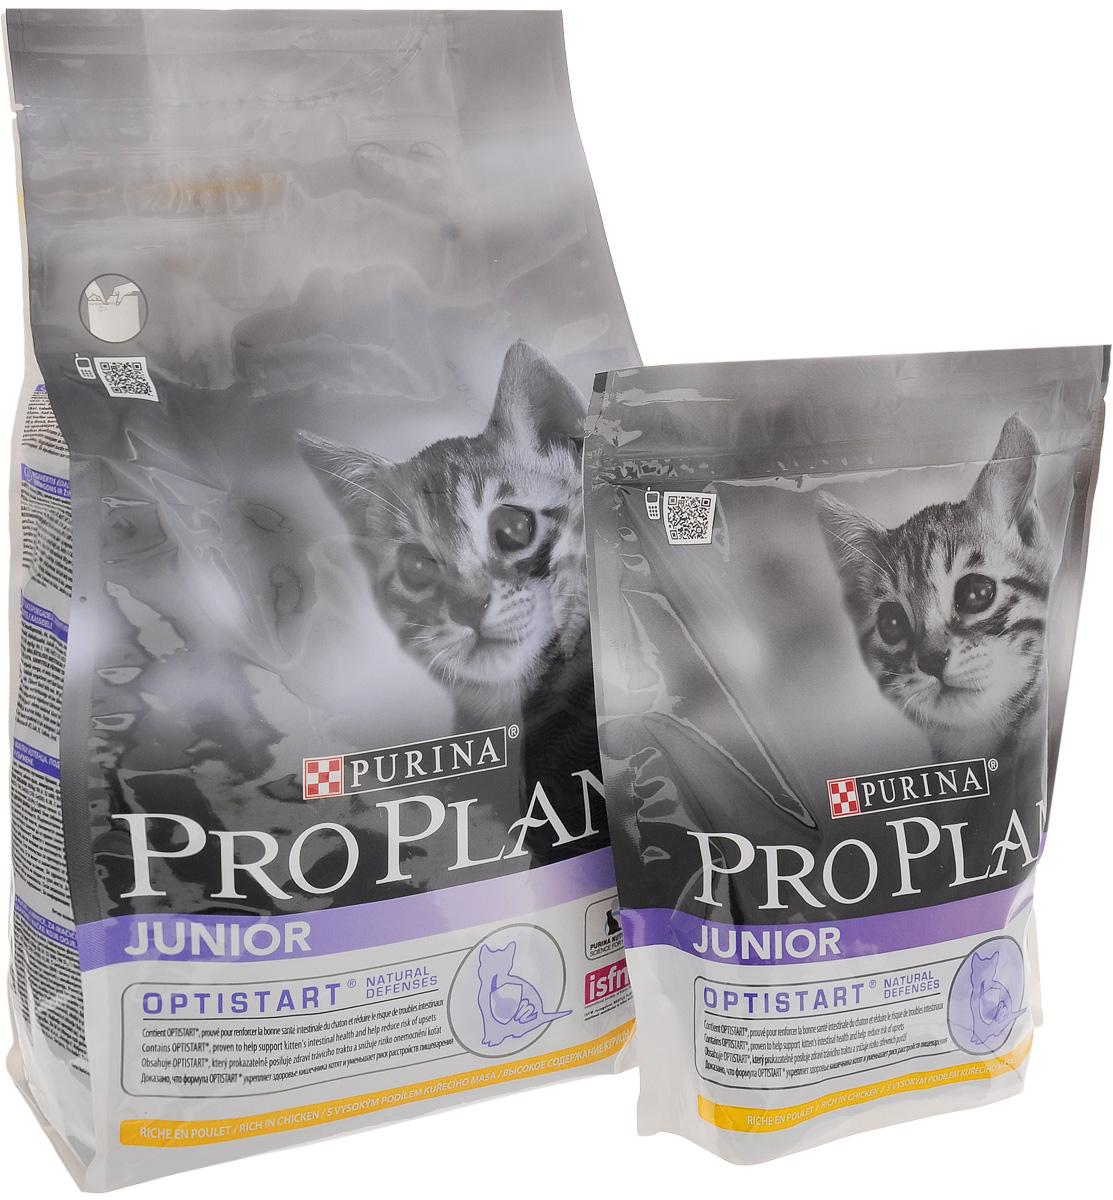 Корм сухой Pro Plan Junior Optistart для котят, с курицей, 1,5 кг + Корм сухой Pro Plan Junior Optistart для котят, с курицей, 400 г12275546Сухой корм Pro Plan Junior Optistart - это полноценный рацион для котят от 6 недель до 1 года. Он содержит особую разработанную с участием ученых комбинацию ингредиентов для поддержания здоровья вашего питомца в течение продолжительного времени. Особенности сухого корма: укрепляет здоровье кишечника котят и уменьшает риск расстройств пищеварения, усиливает иммунную систему благодаря молозиву, богатому антителами, поддерживает здоровый рост костей и мускулатуры, помогает поддерживать здоровое развитие мозга и зрения. Анализ: белок 40%, жир 20%, сырая зола 6,5%, сырая клетчатка 0,5%. Добавки на кг: витамин А 36 400, витамин D3 1180, витамин Е 750 мг/кг, железо 335, йод 4, медь 68, марганец 160, цинк: 570, селен 0,38 мг/кг. Товар сертифицирован.